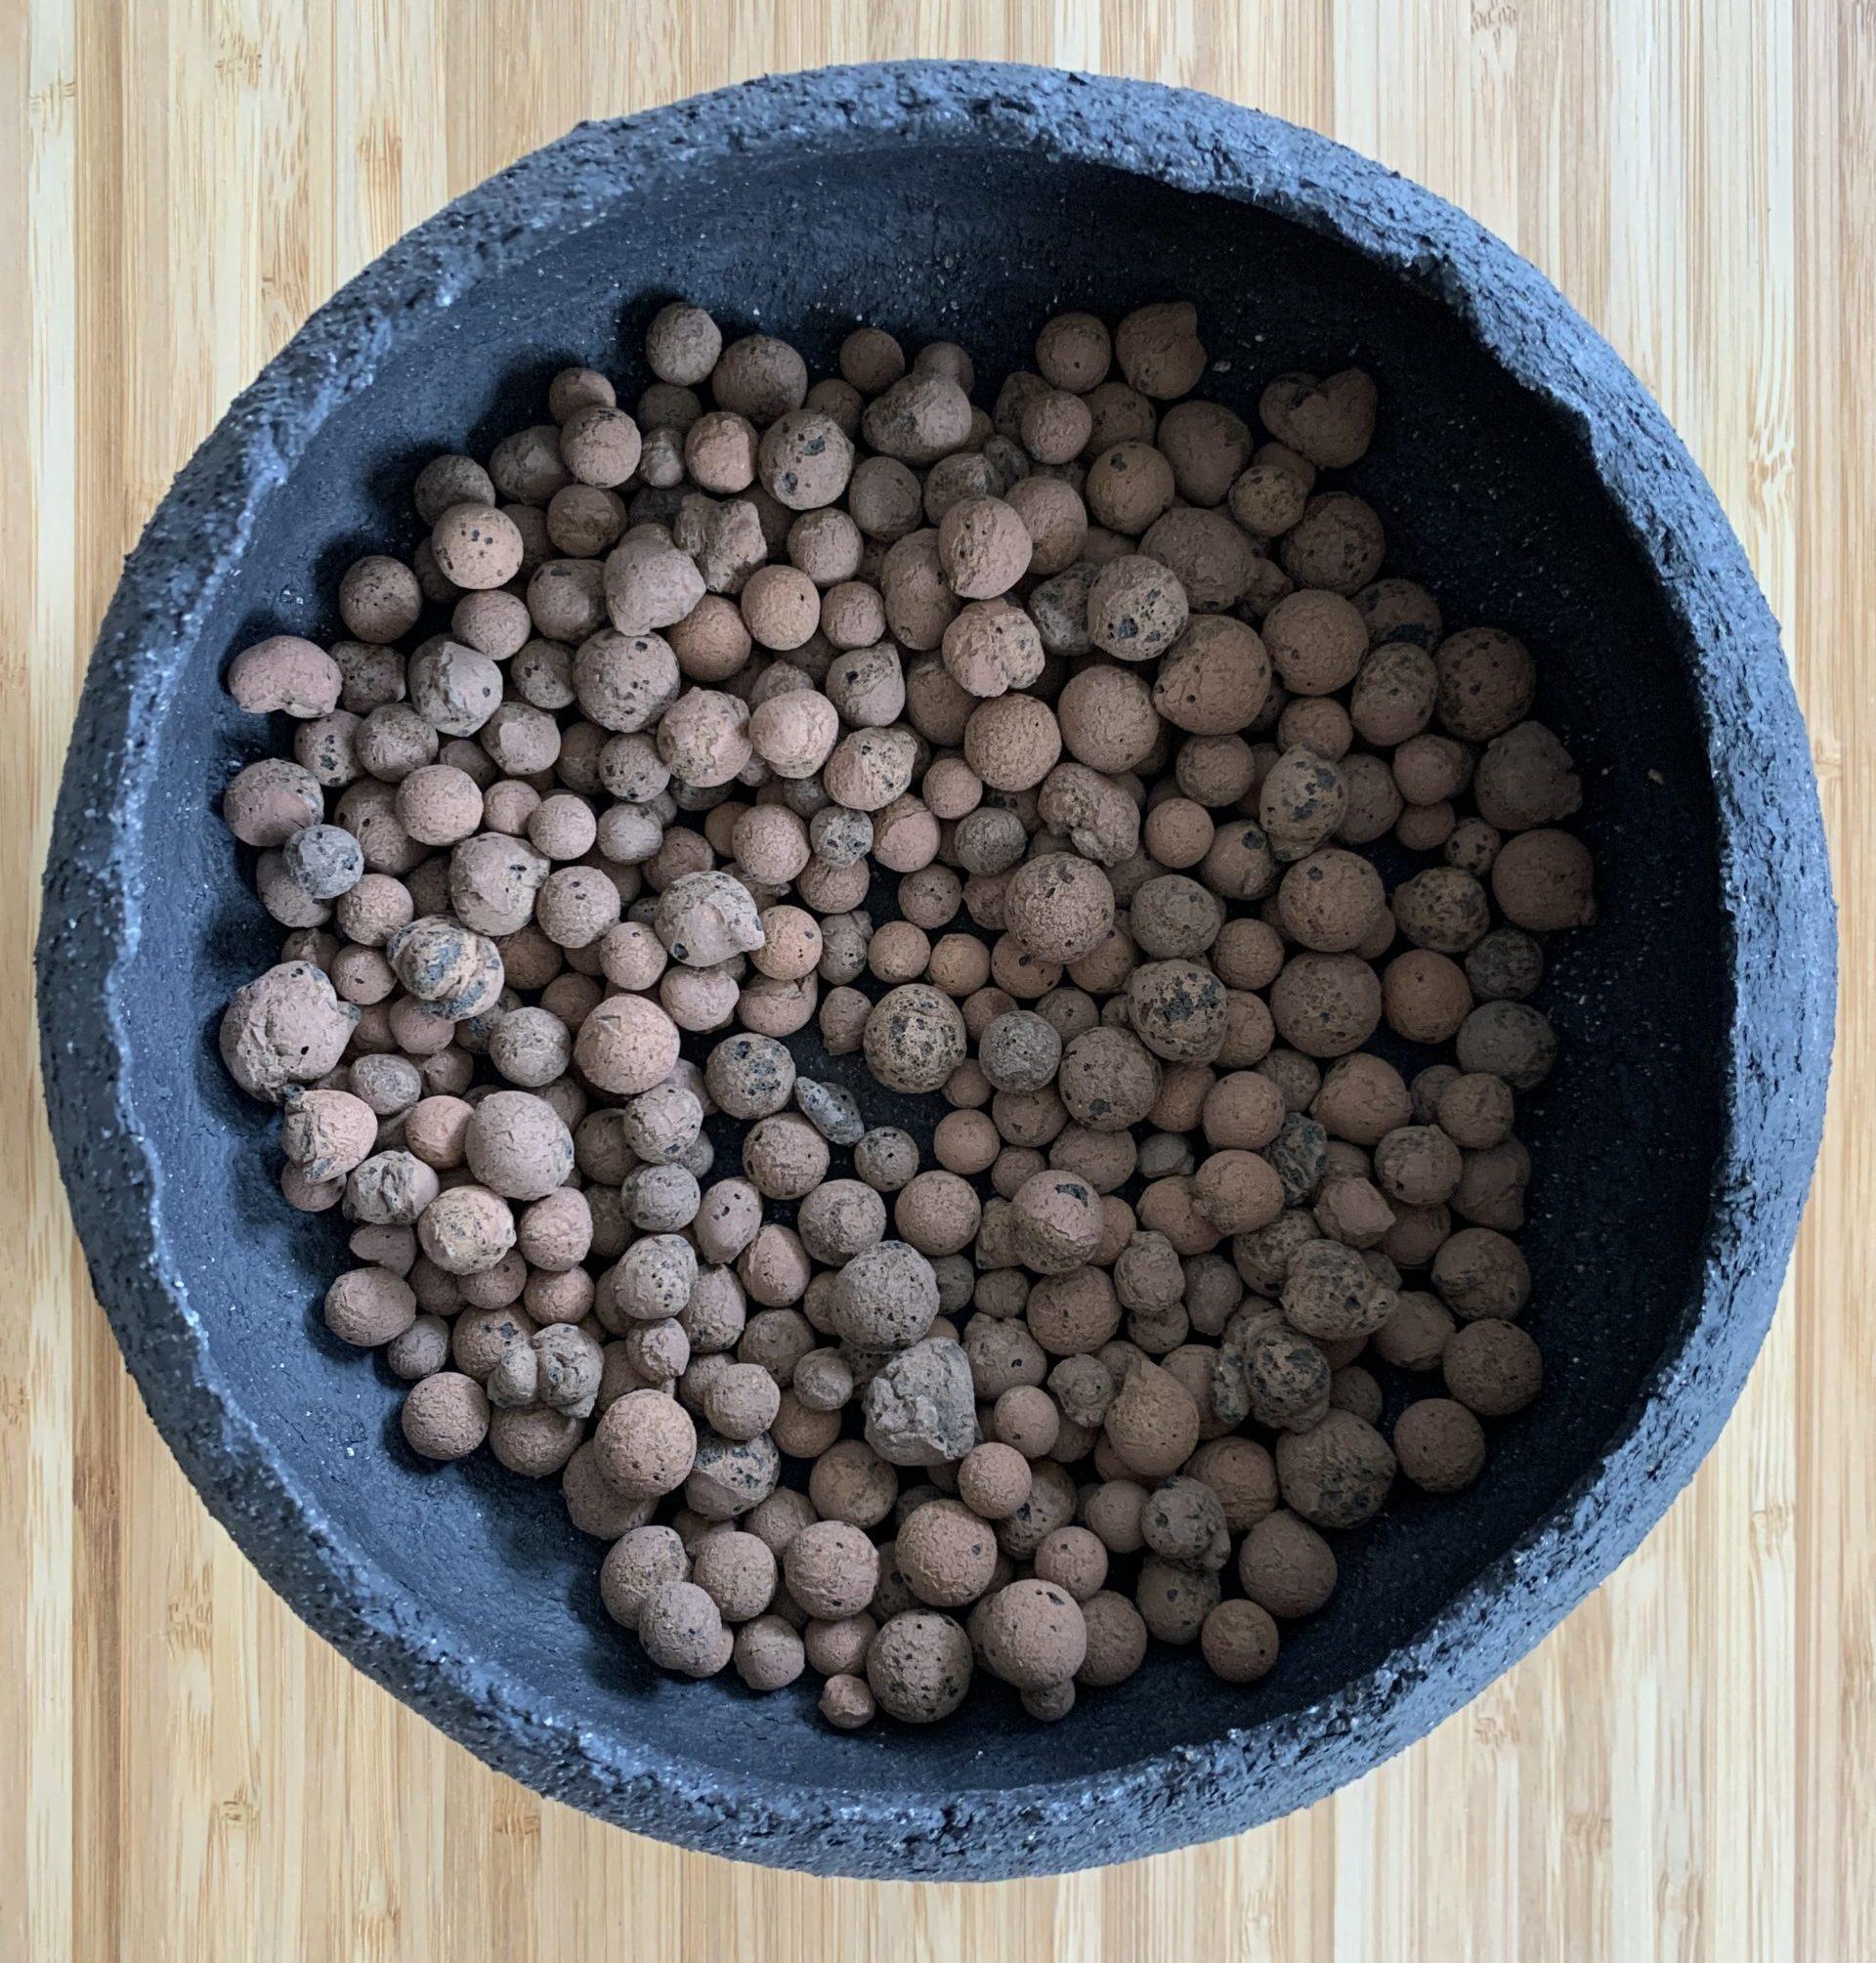 leca pebbles in bowl